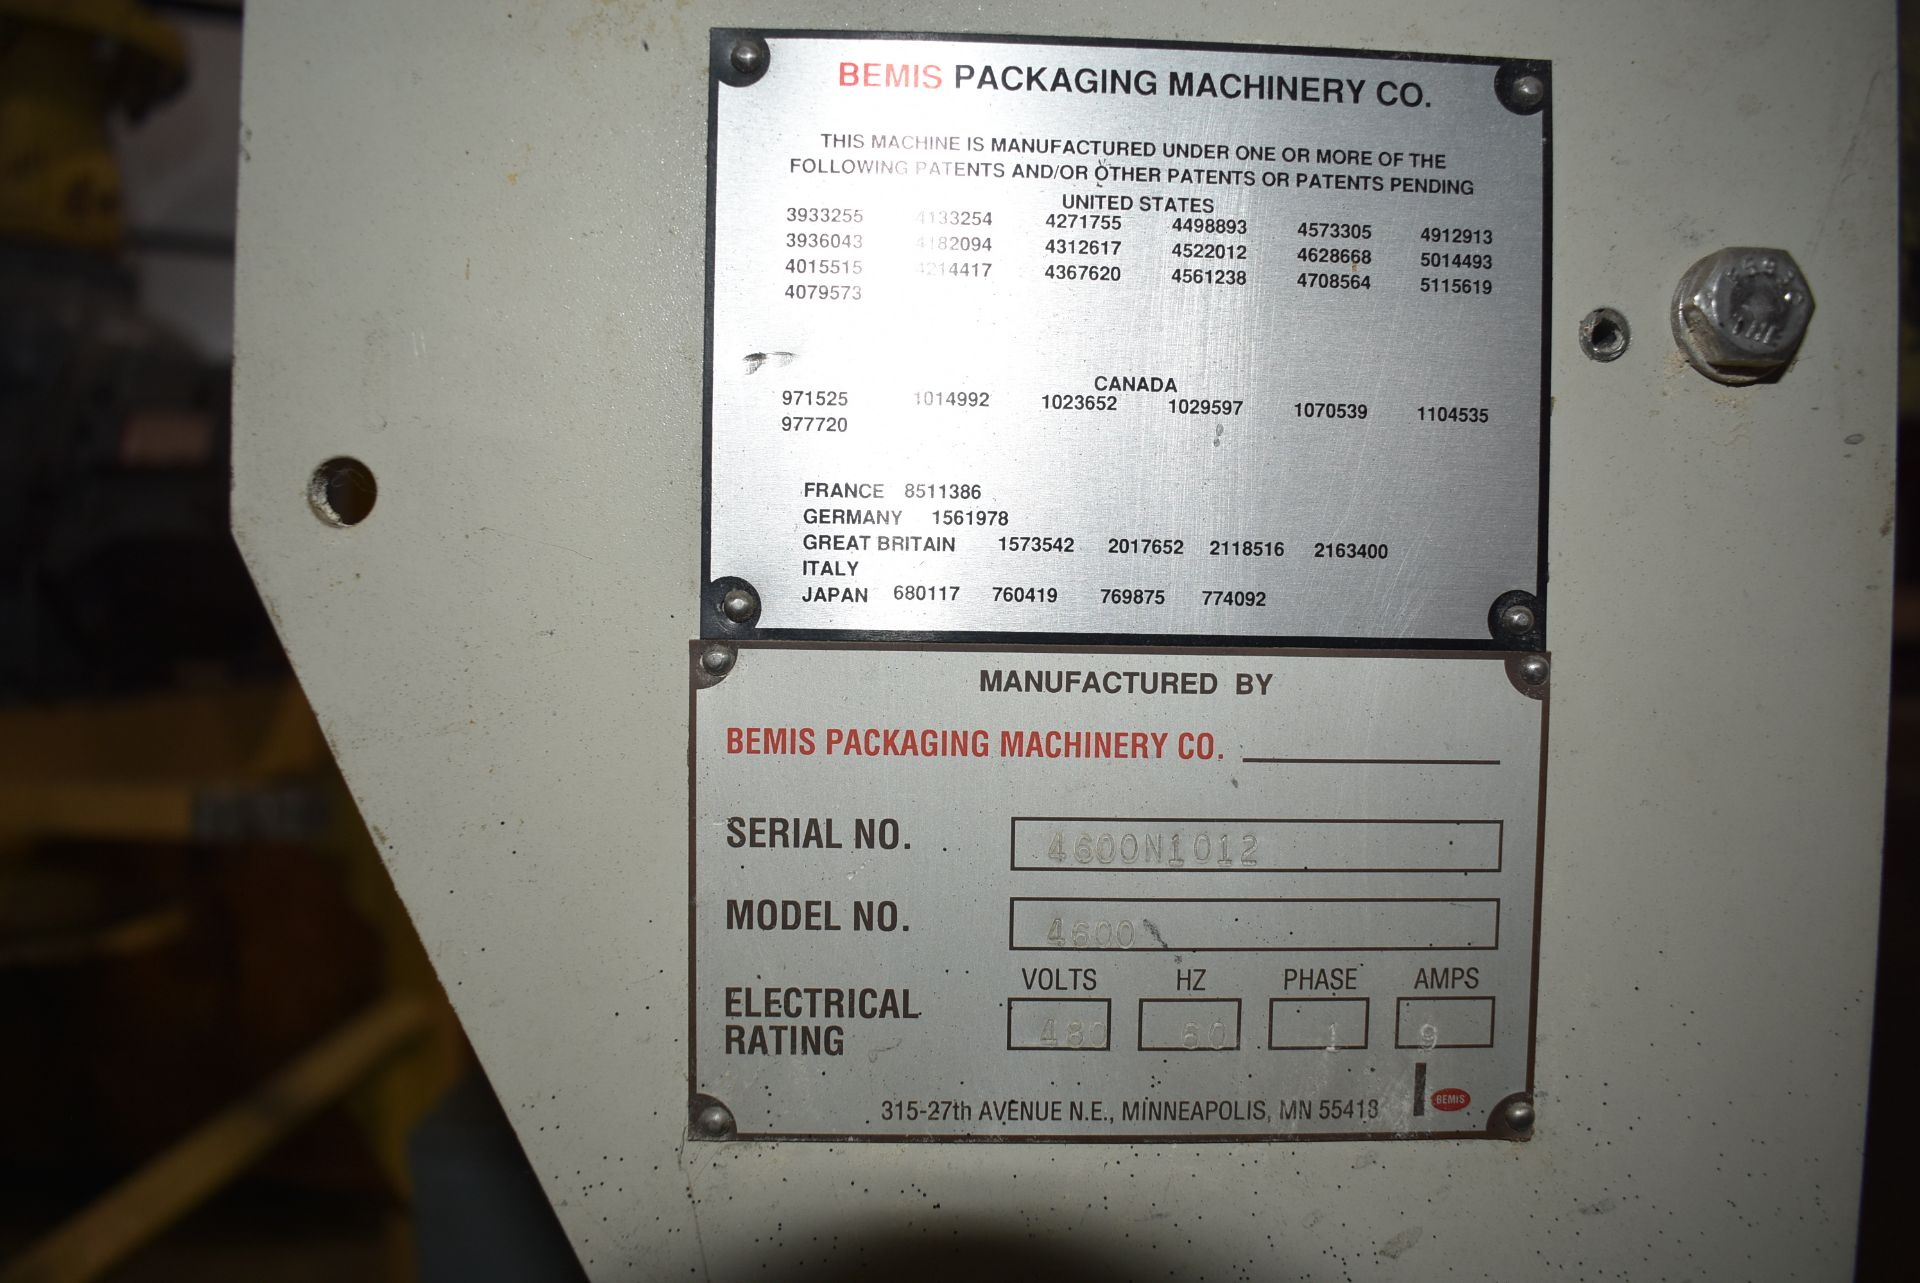 Bemis Model #4600 Packaging Machine - Image 2 of 3